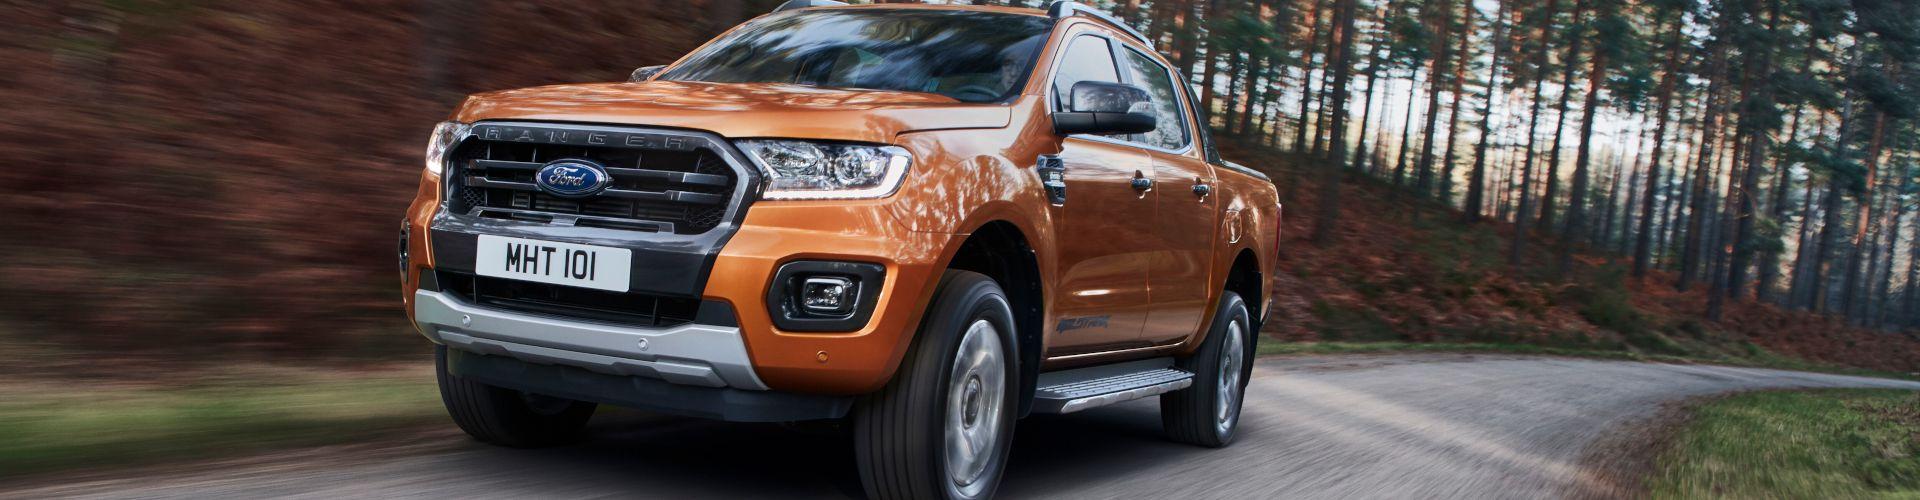 Ford Ranger Wildtrack - Α. Λιάπης Αντιπροσωπεία